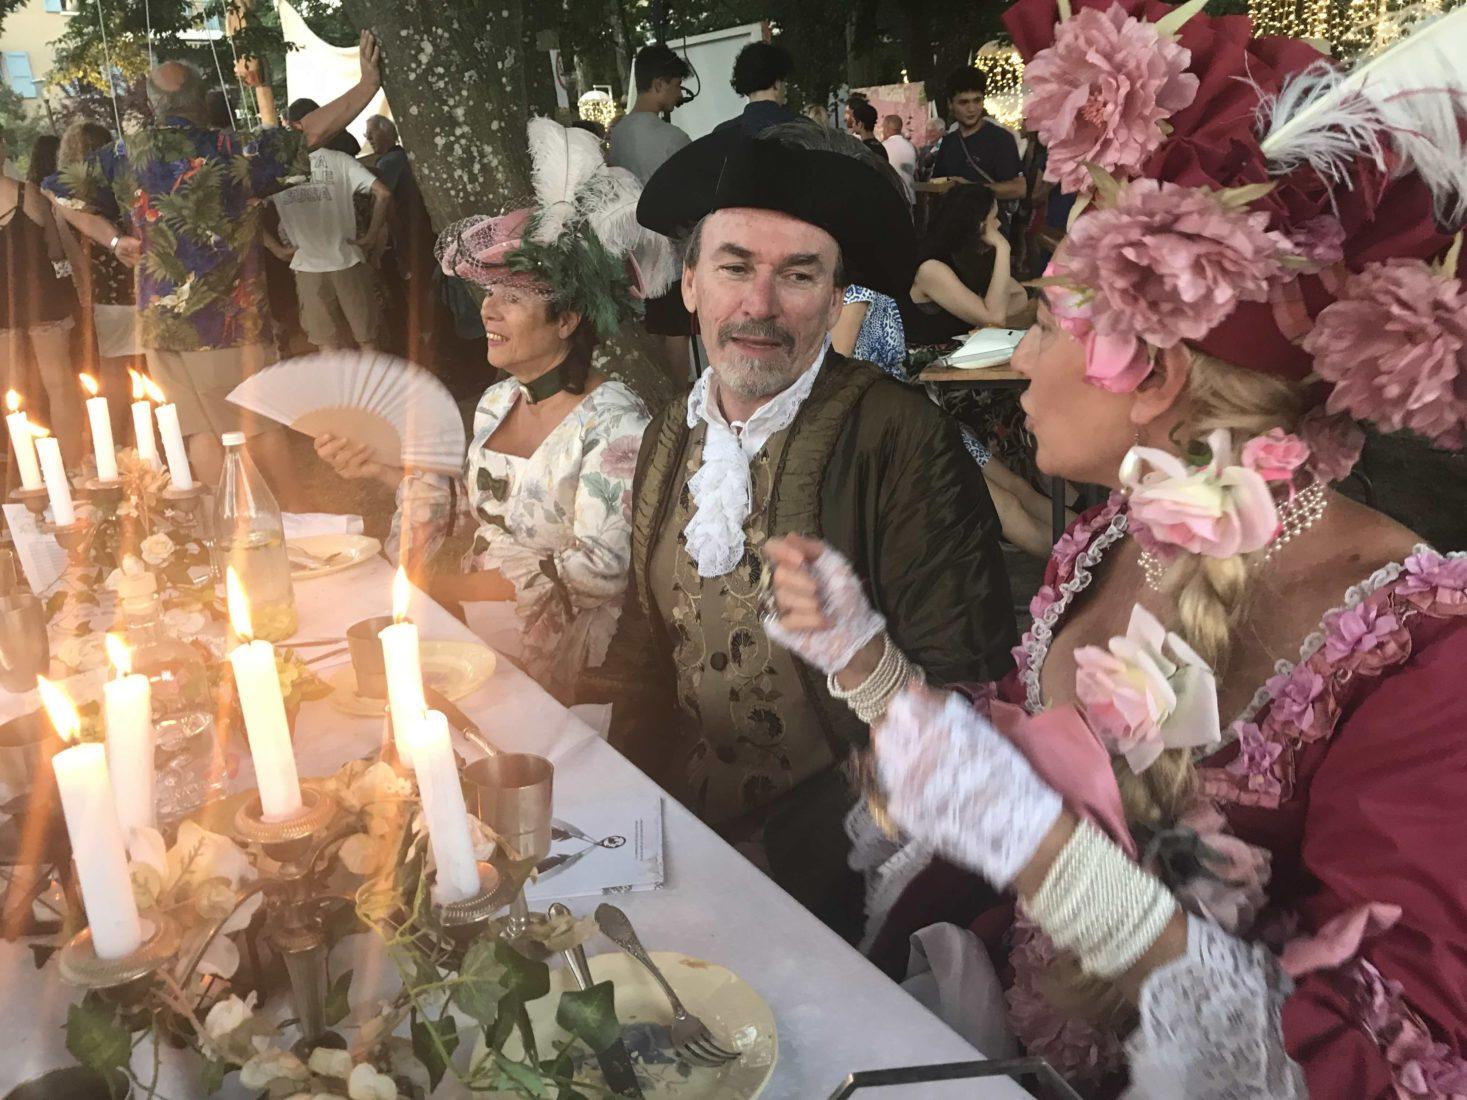 Fête à Ferney-Voltaire 2019 comédiens à table